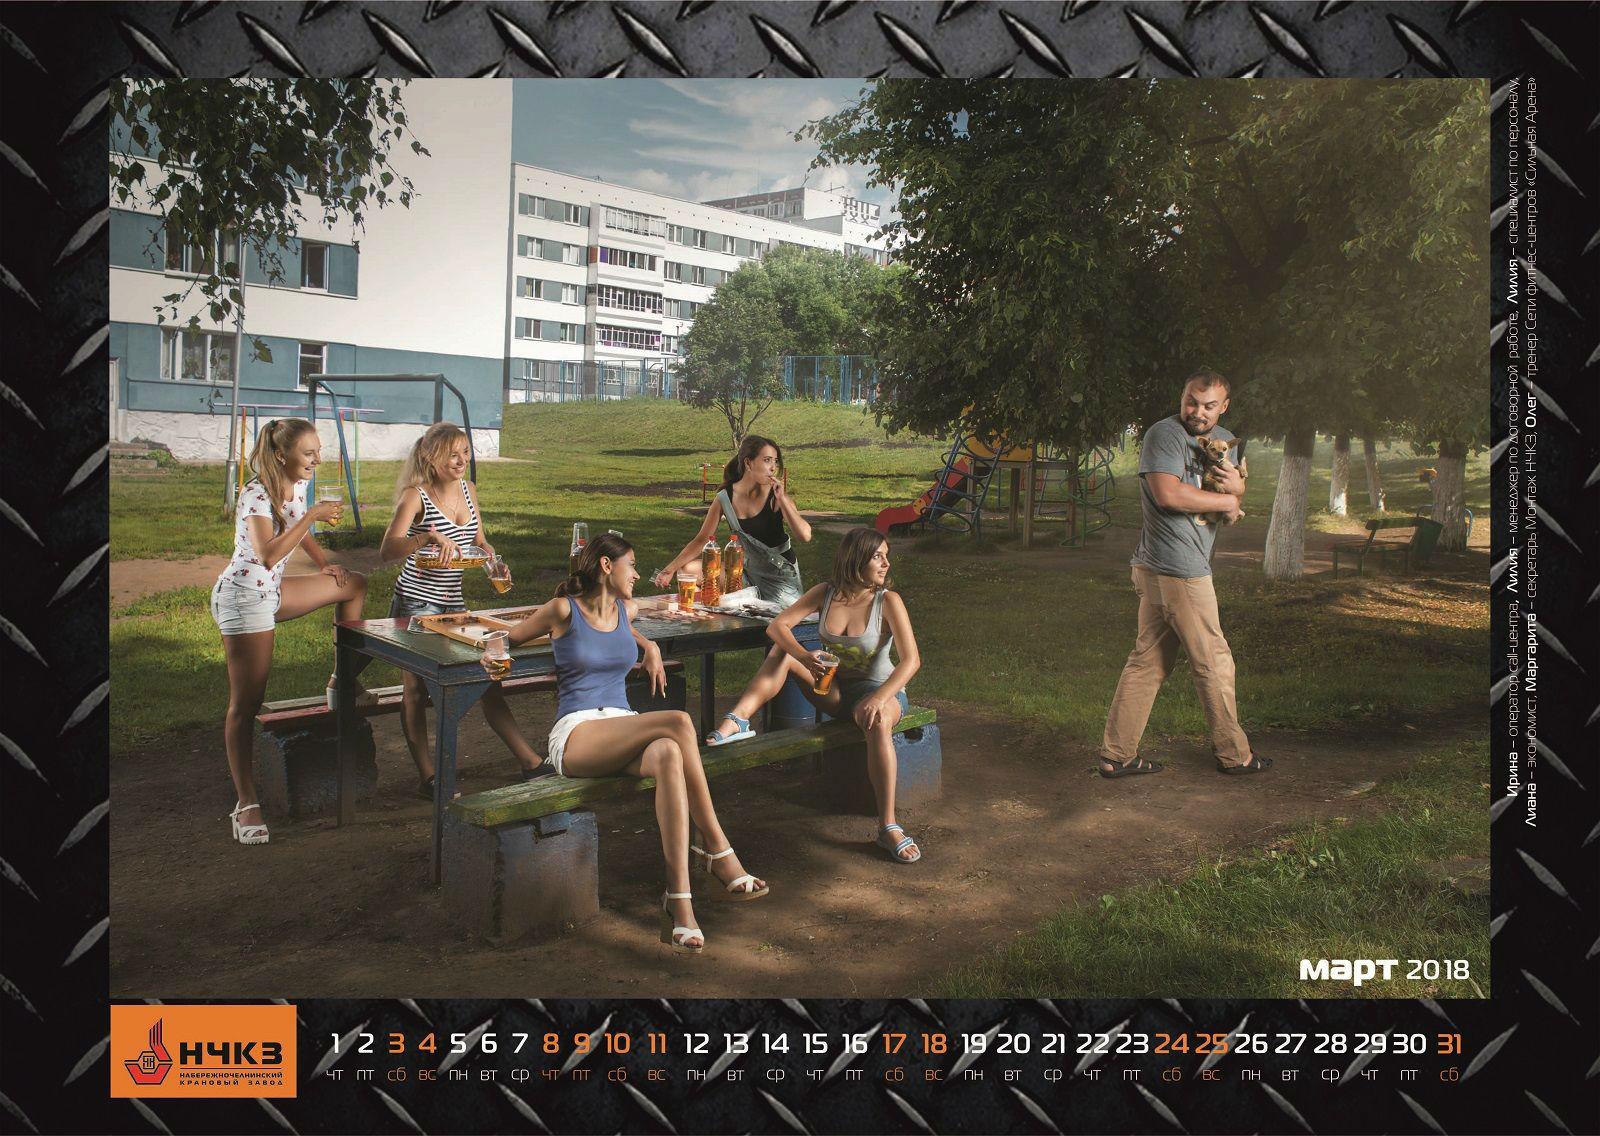 Челнинский крановый завод снова выпустил эротический календарь (ФОТО)